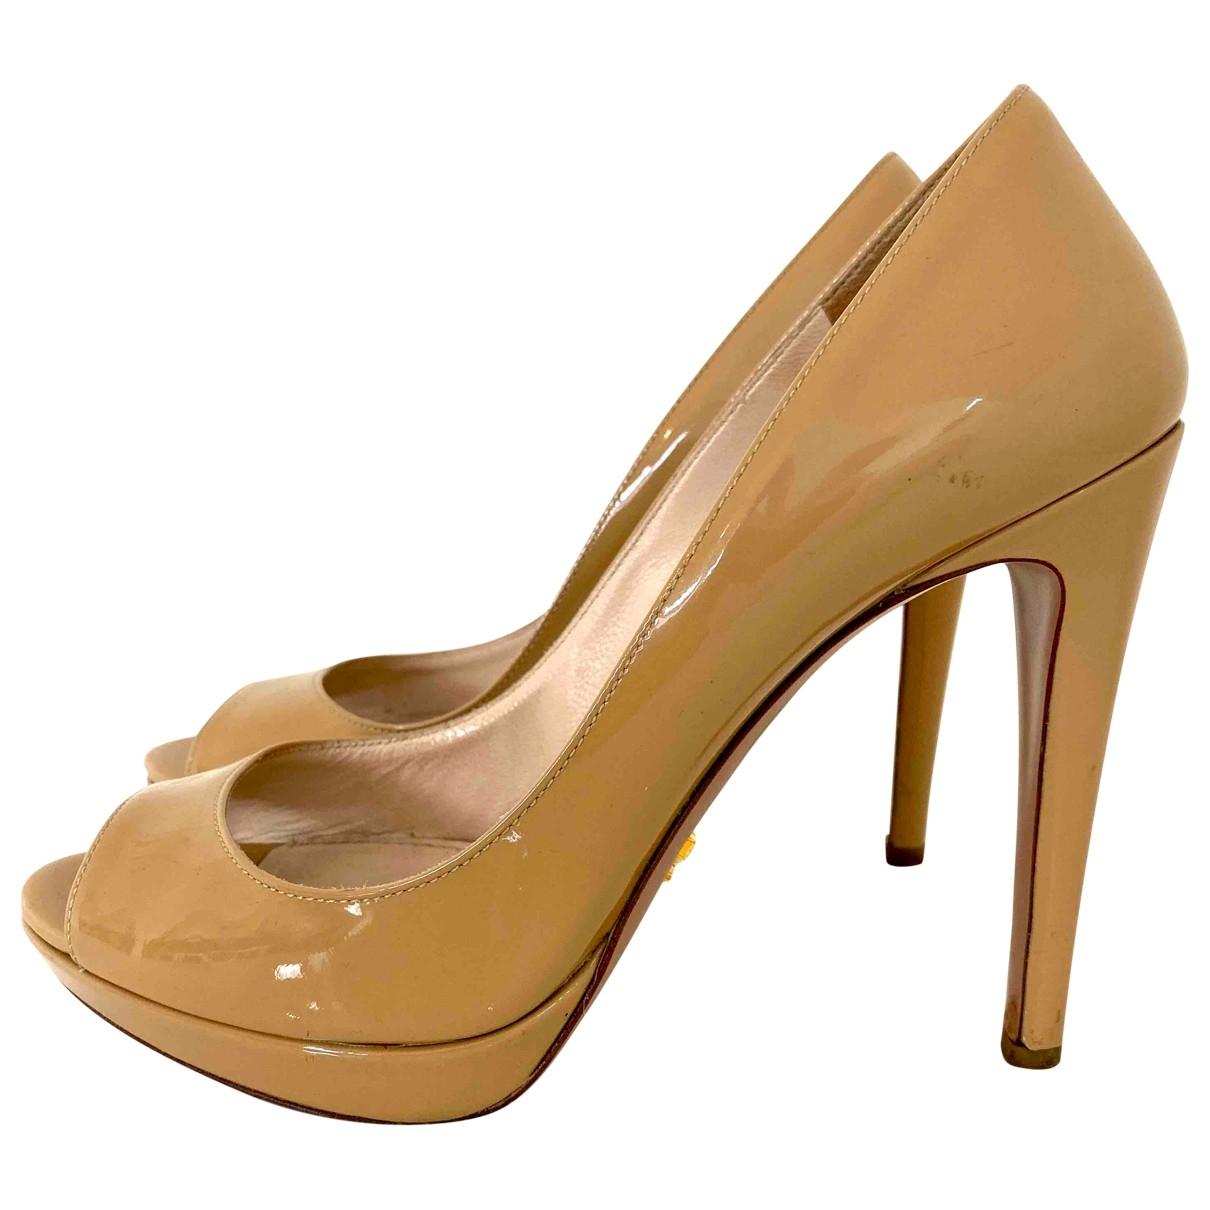 Prada - Escarpins   pour femme en cuir verni - beige